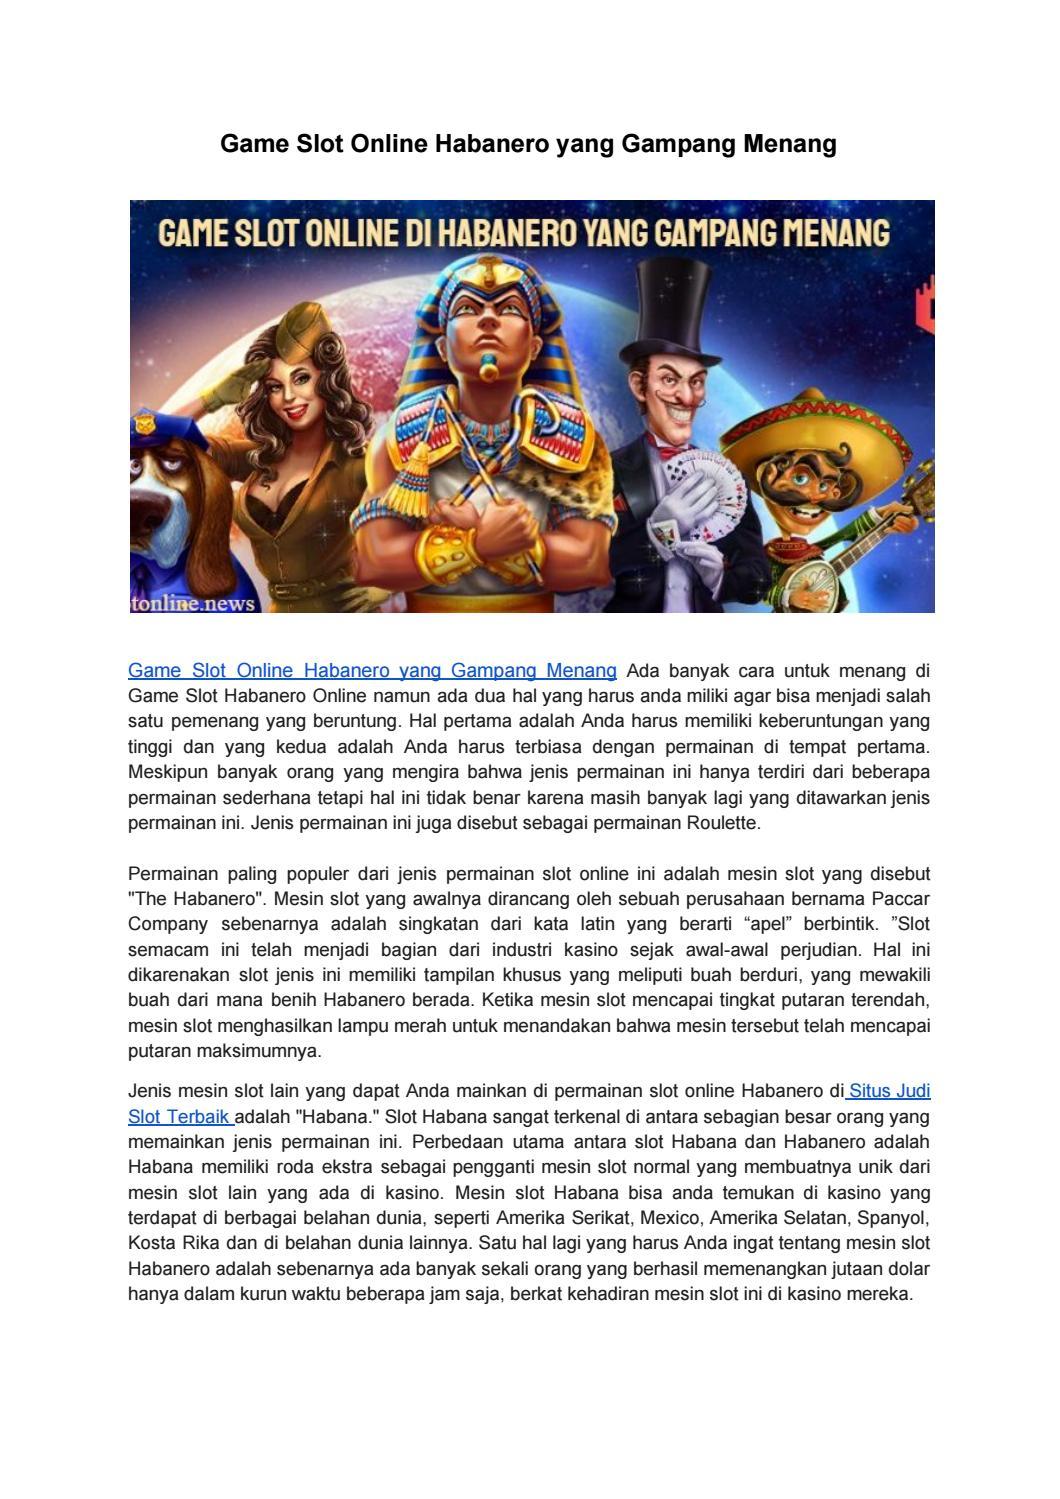 Game Slot Online Habanero Yang Gampang Menang By Slot Online Issuu